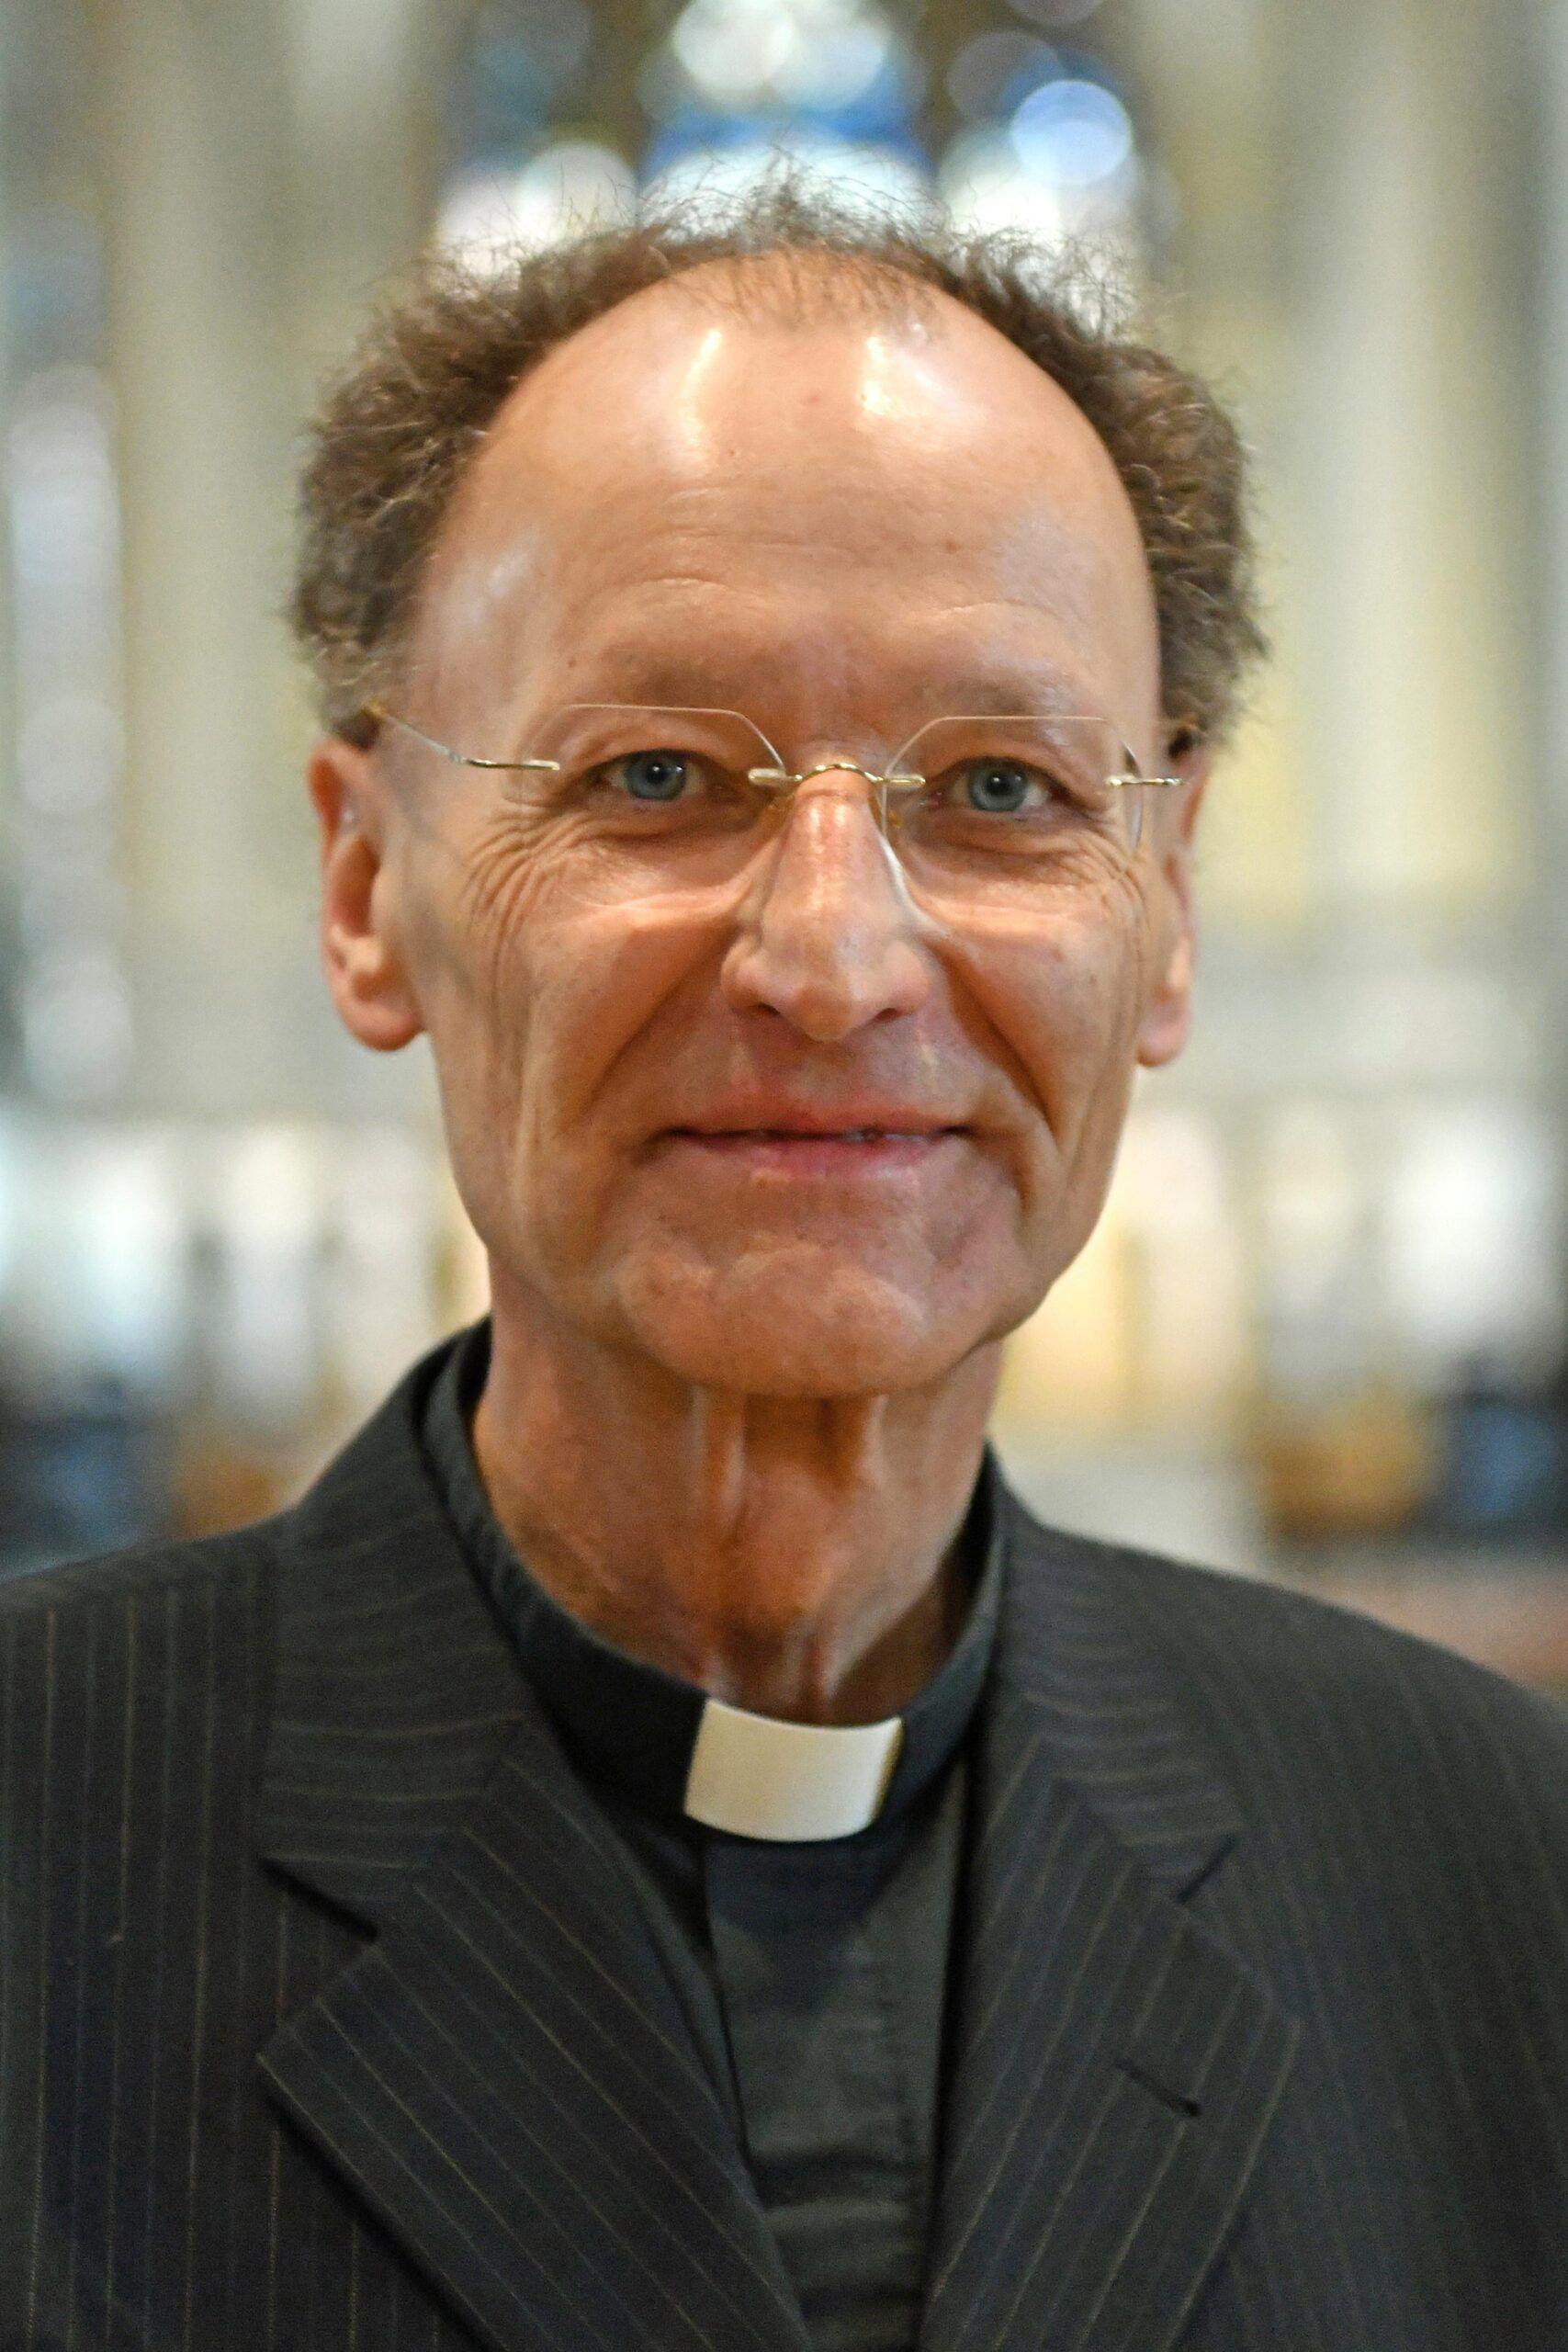 Domdekan Wolfgang Hacker Wird Neuer Generalvikar Des Bistums Foto Daniel Jaeckel Pba Scaled